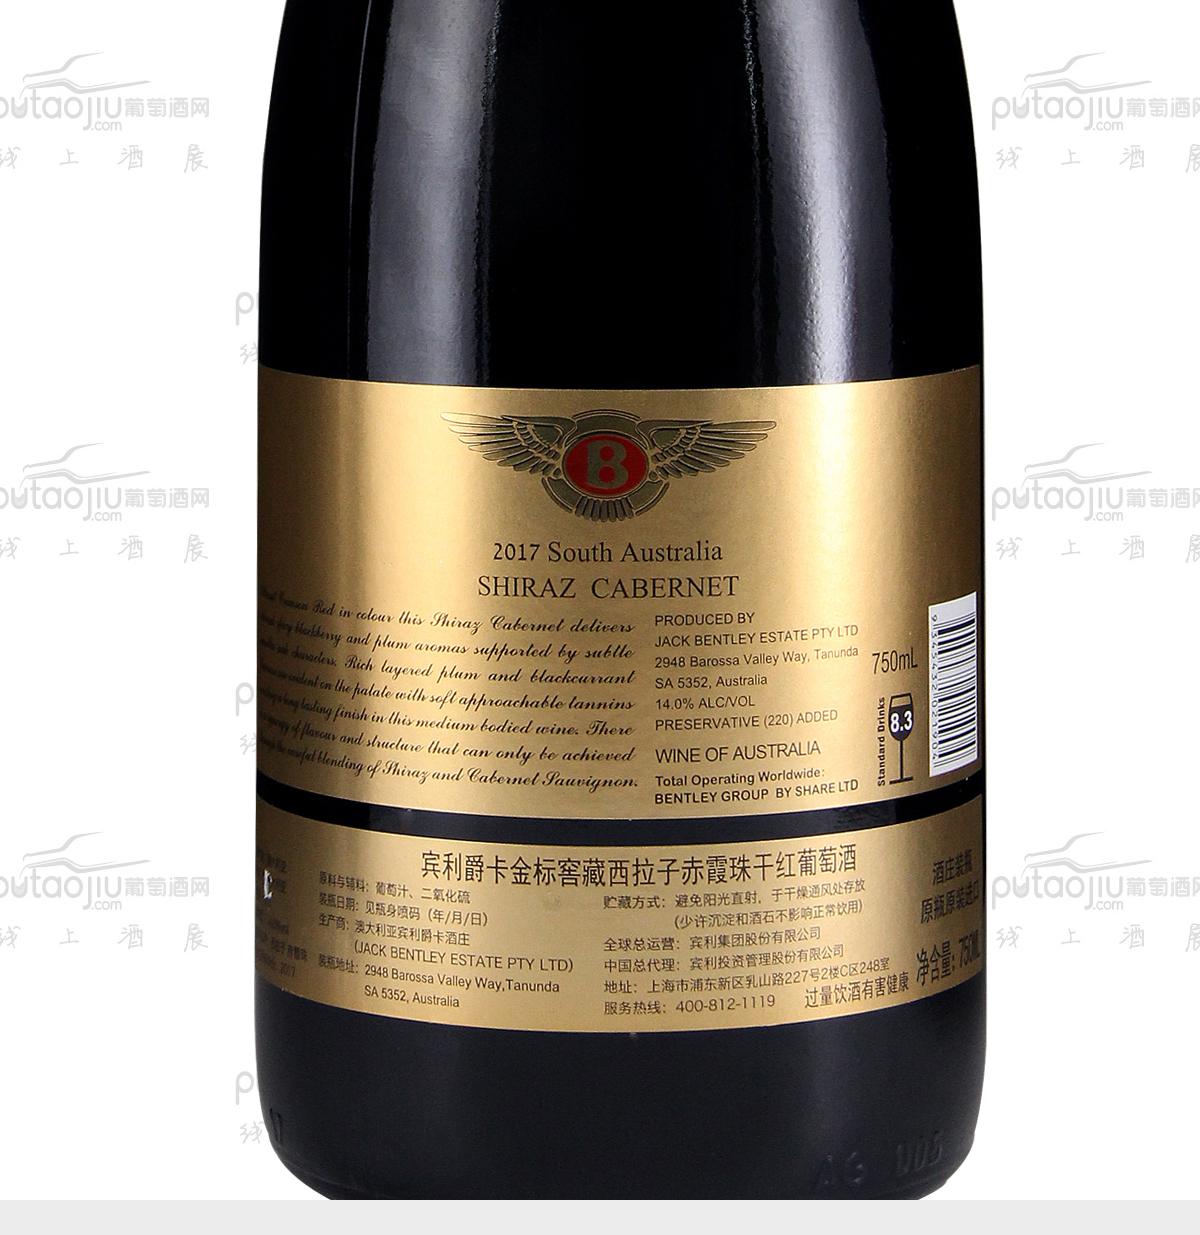 宾利爵卡金标窖藏西拉子赤霞珠干红葡萄酒